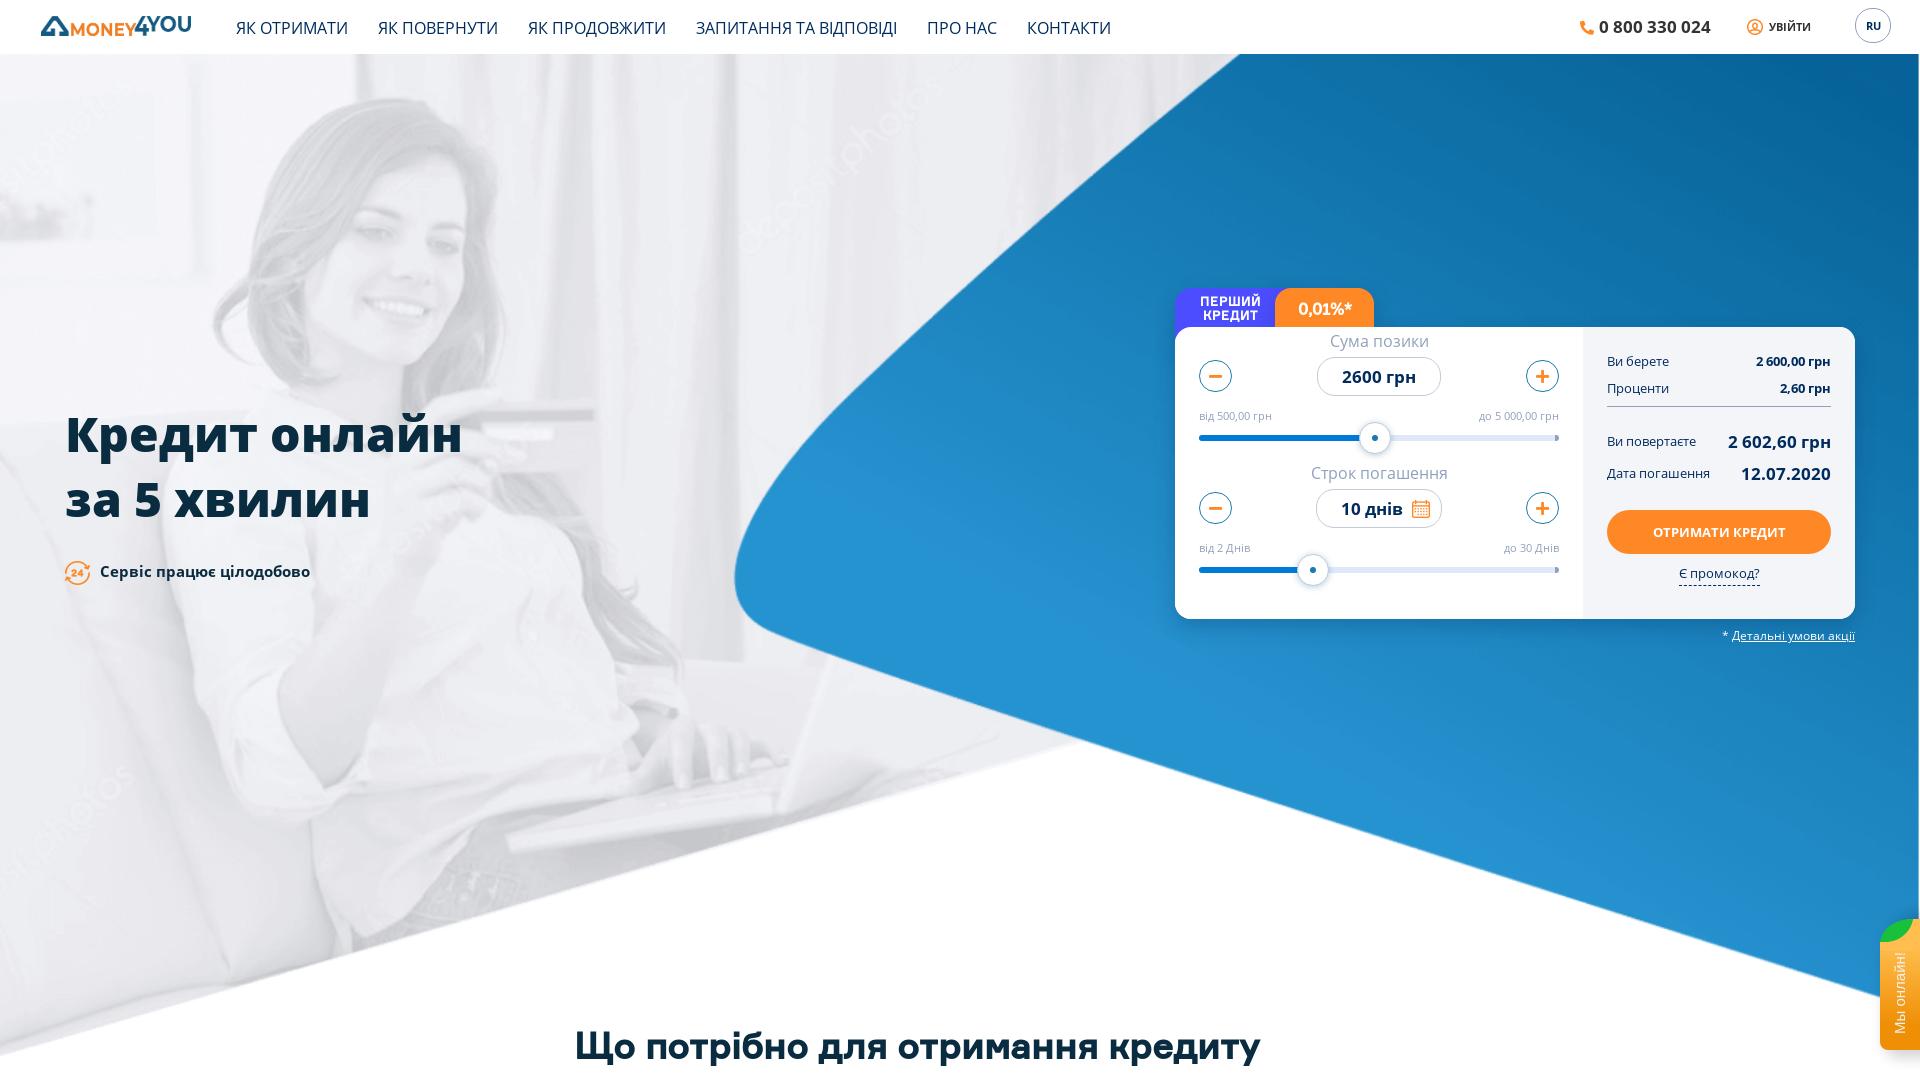 Money4you [CPS] UA website